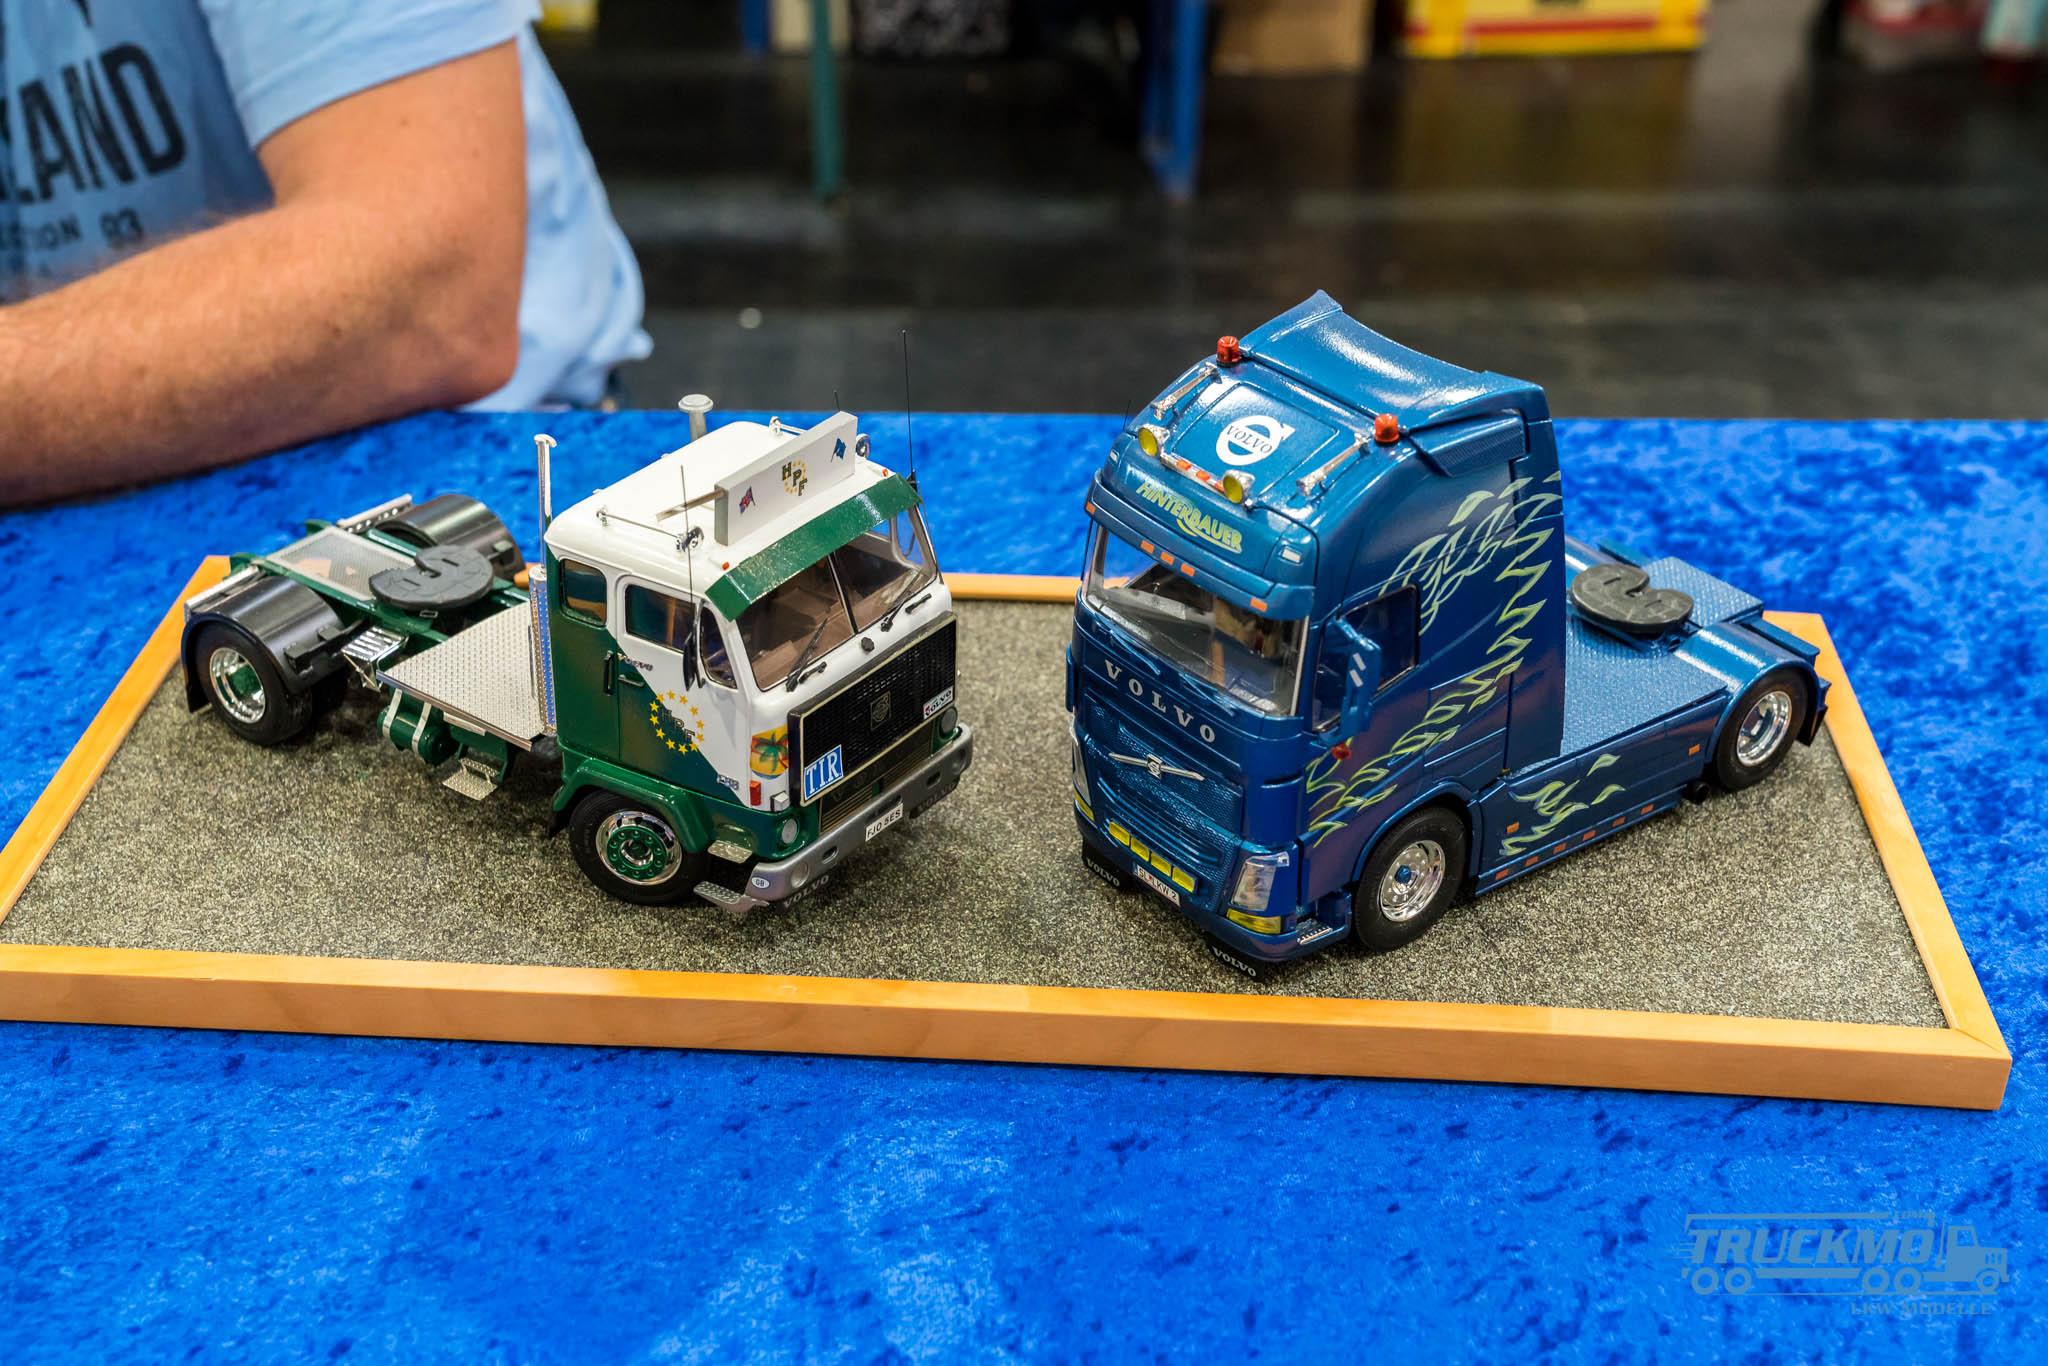 Truckmo_Modellbau_Ried_2017_Herpa_Messe_Modellbauausstellung (327 von 1177)